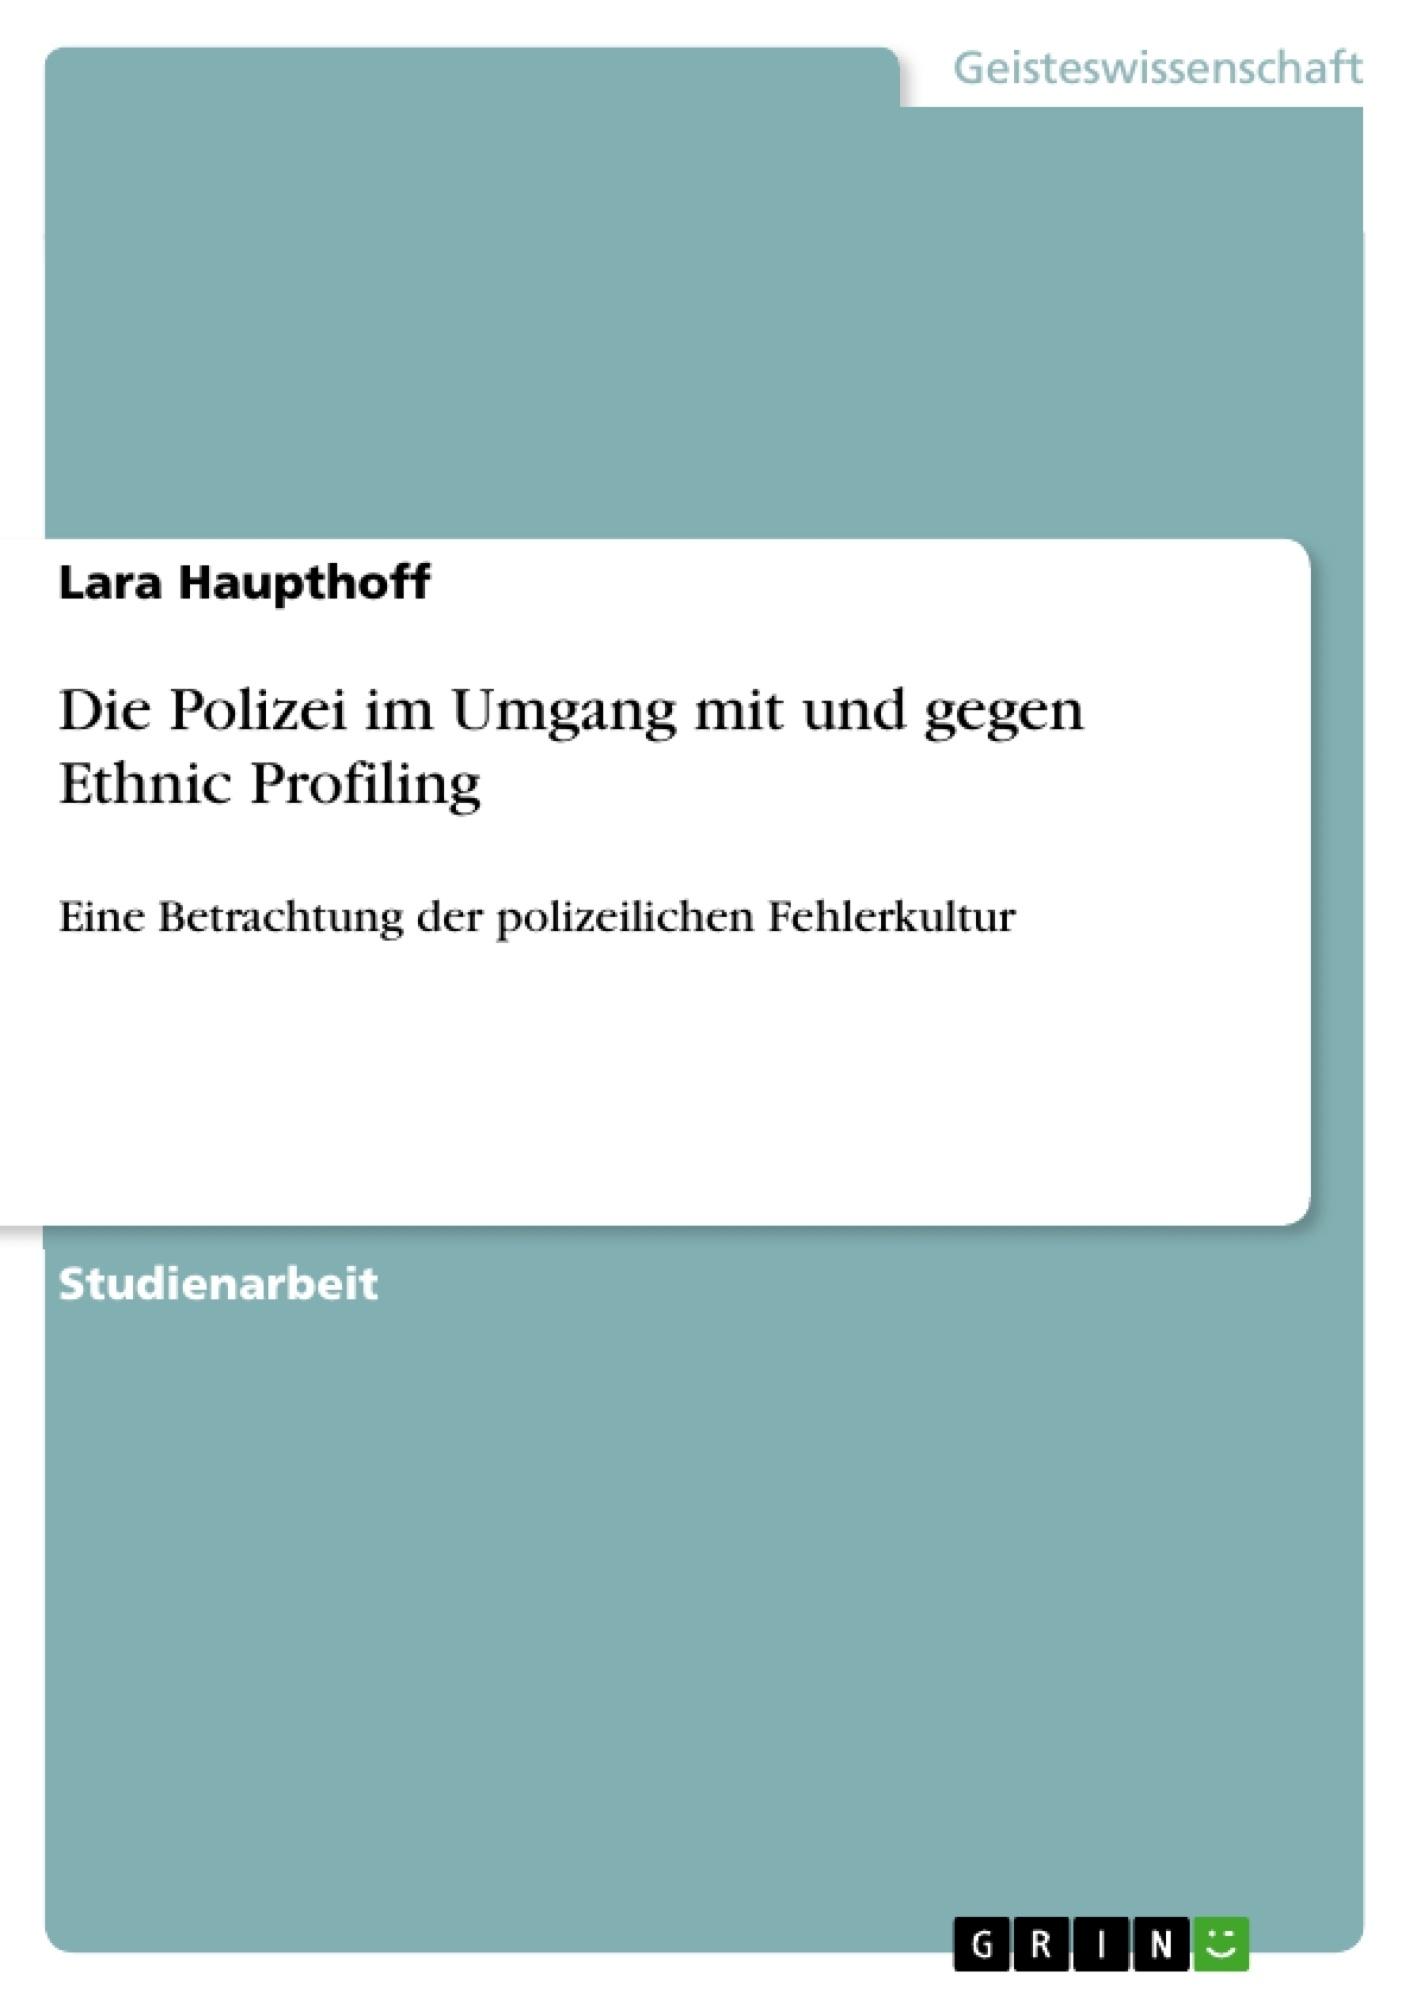 Titel: Die Polizei im Umgang mit und gegen Ethnic Profiling